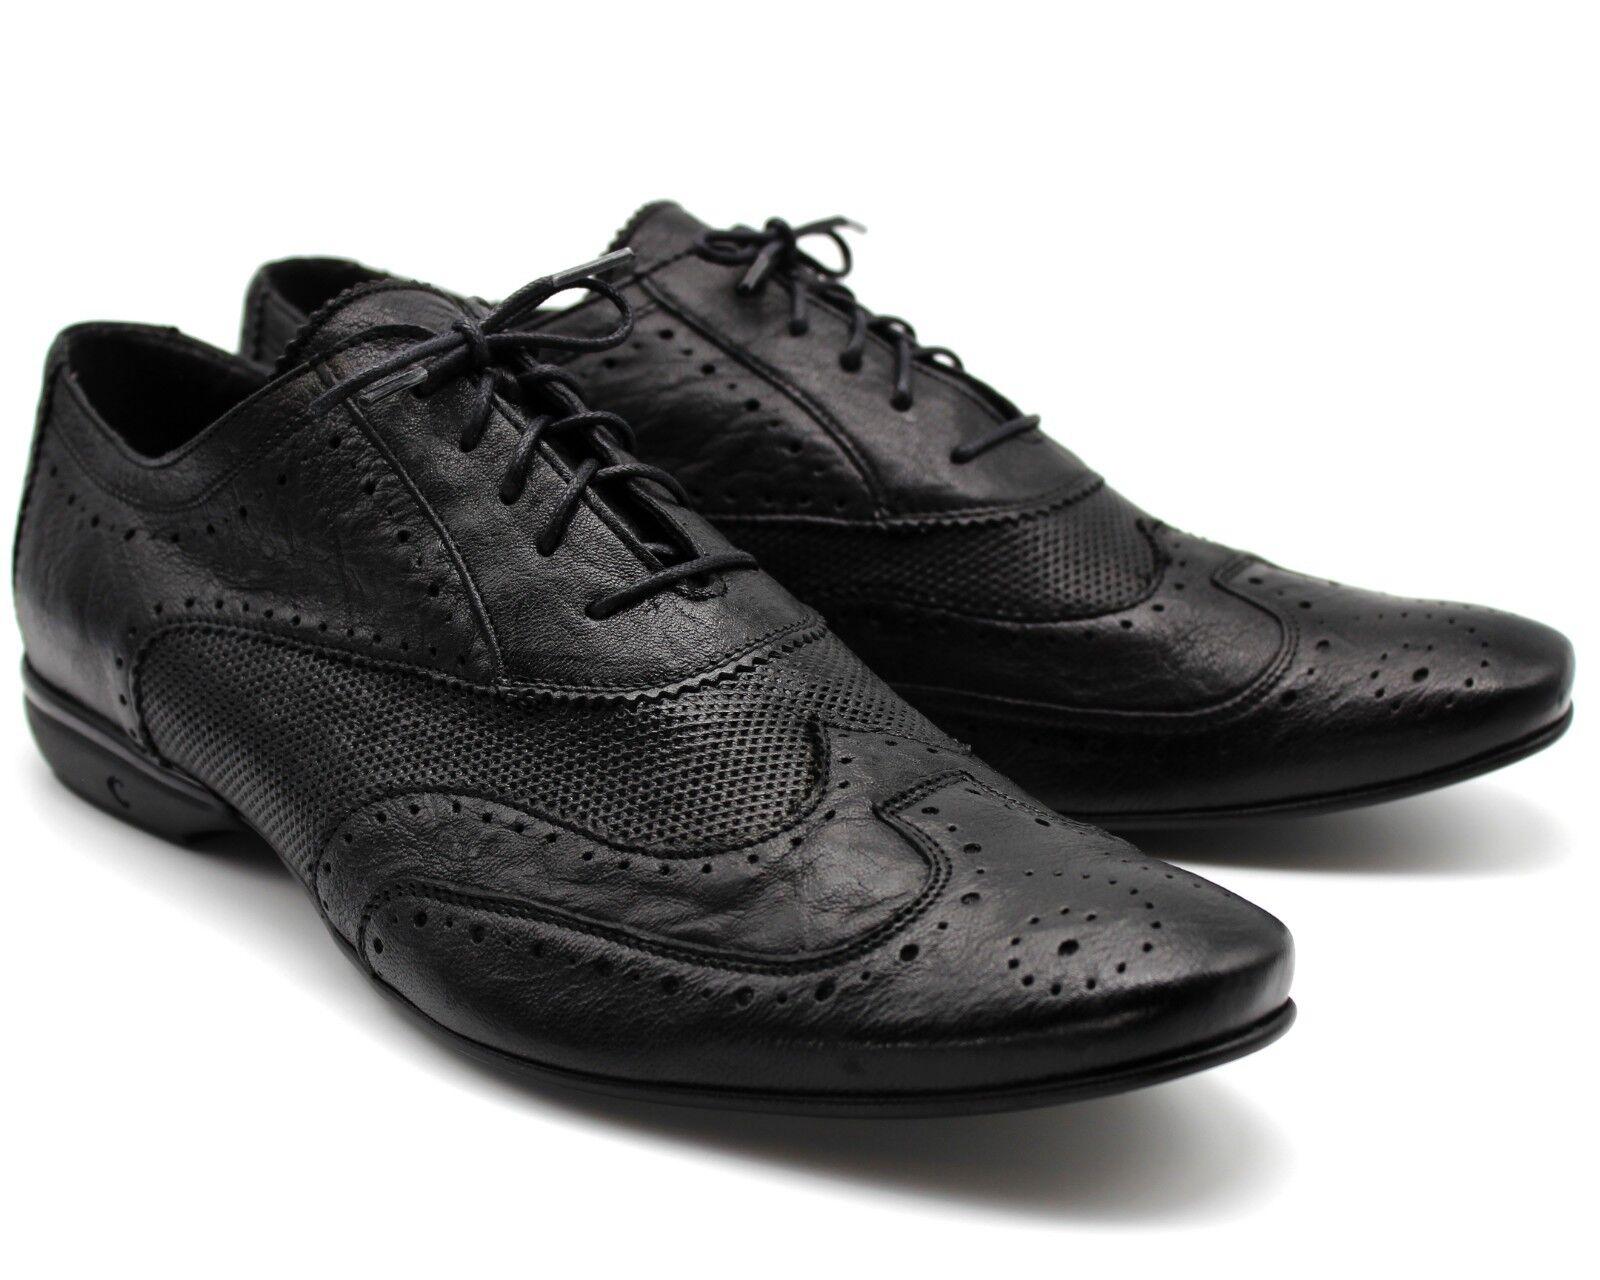 * 215 nuovo nero vera pelle Lacci Smart Casual Scarpe Con Lacci pelle Sportivo Scarpe Da Ginnastica EU44 a56967